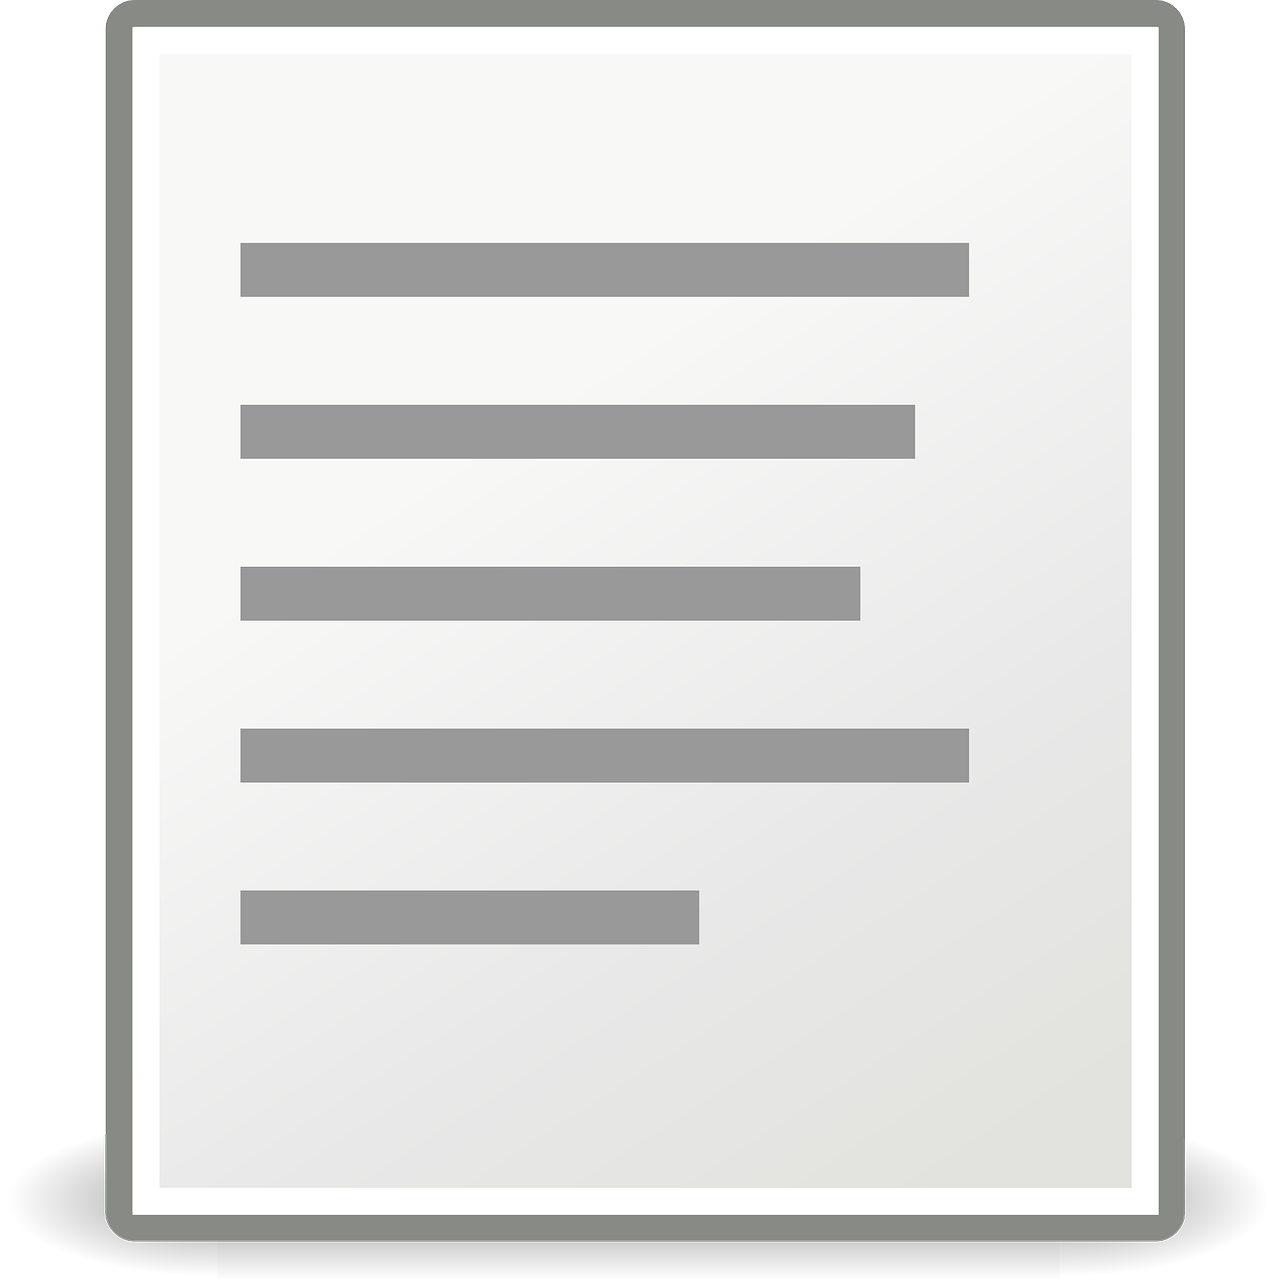 Document align left icon